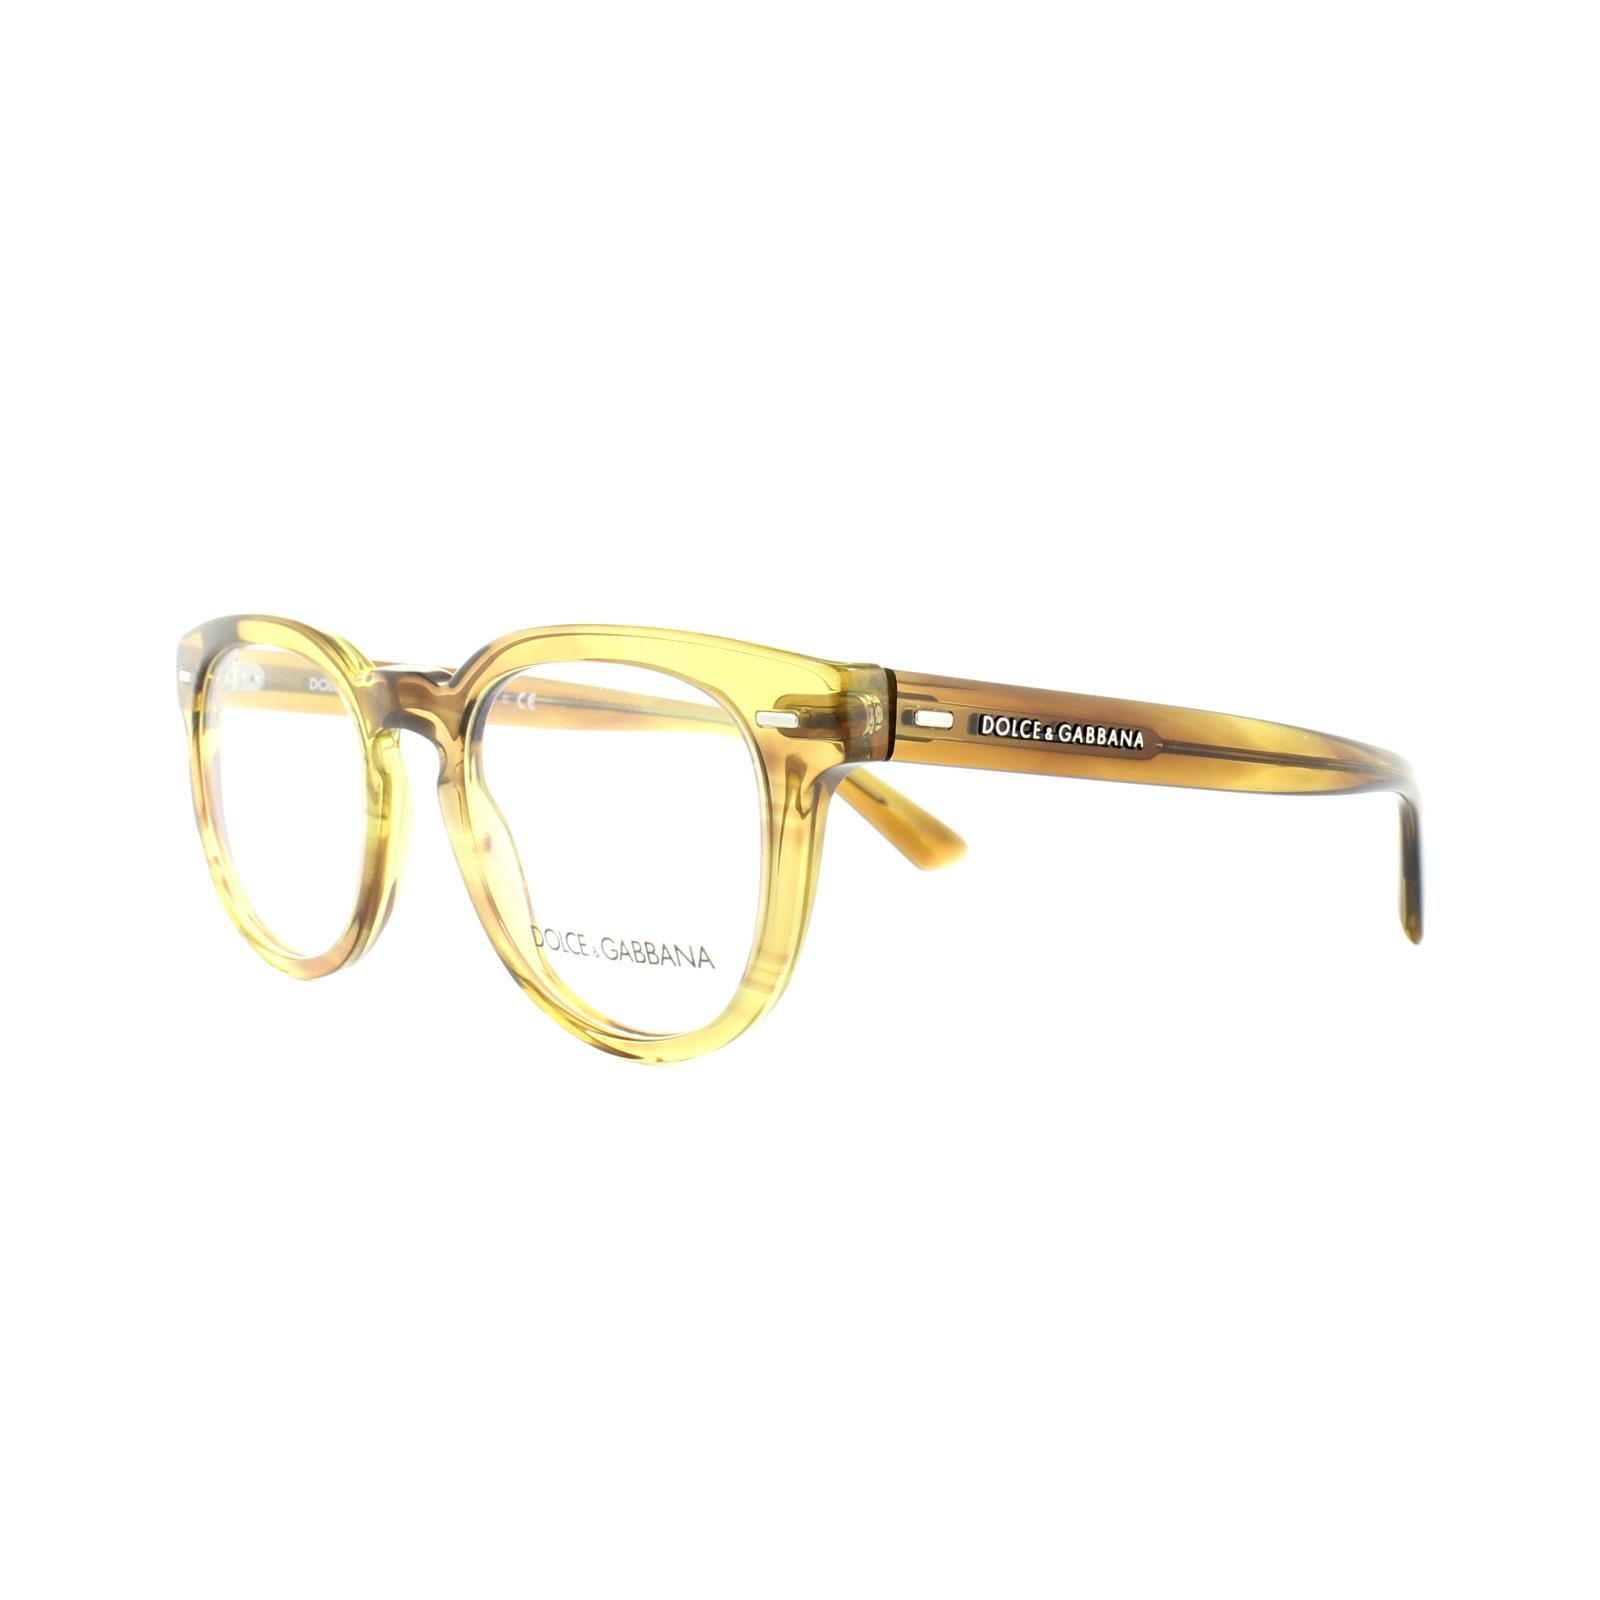 Dolce and Gabbana Glasses Frames DG 3225 2927 Striped Honey Mens ...